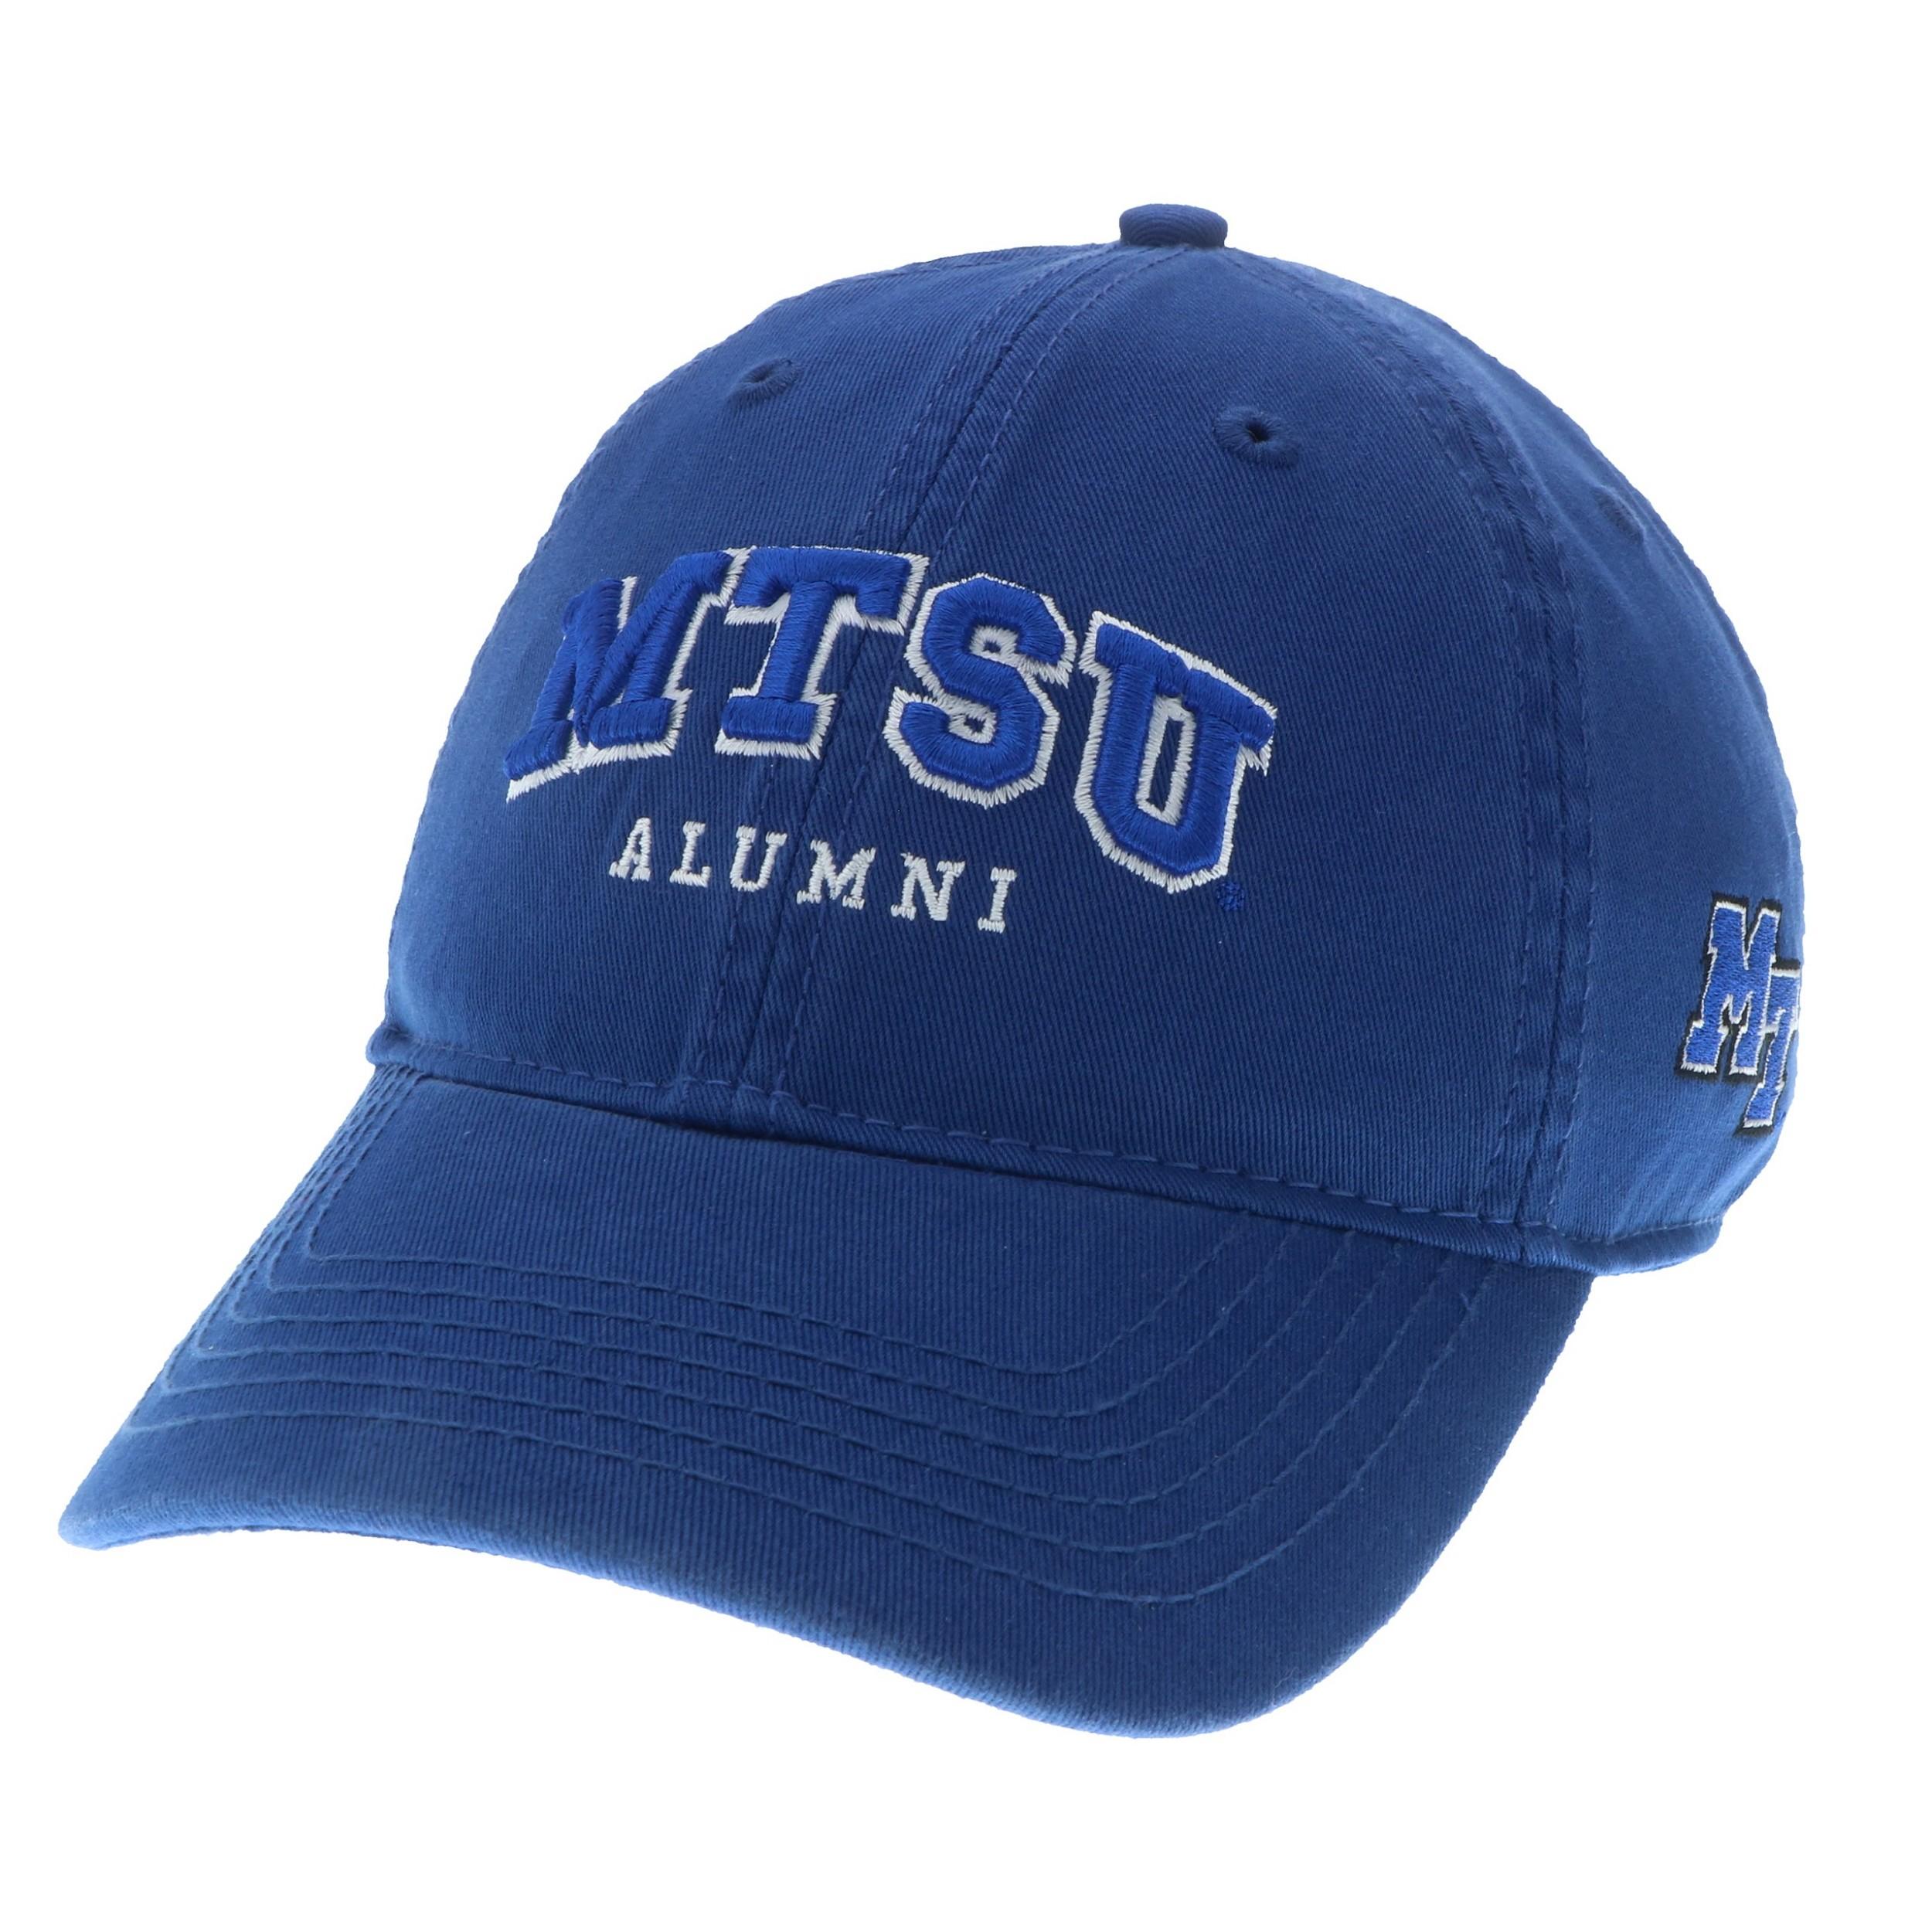 MTSU Alumni Arch Relaxed Twill Hat